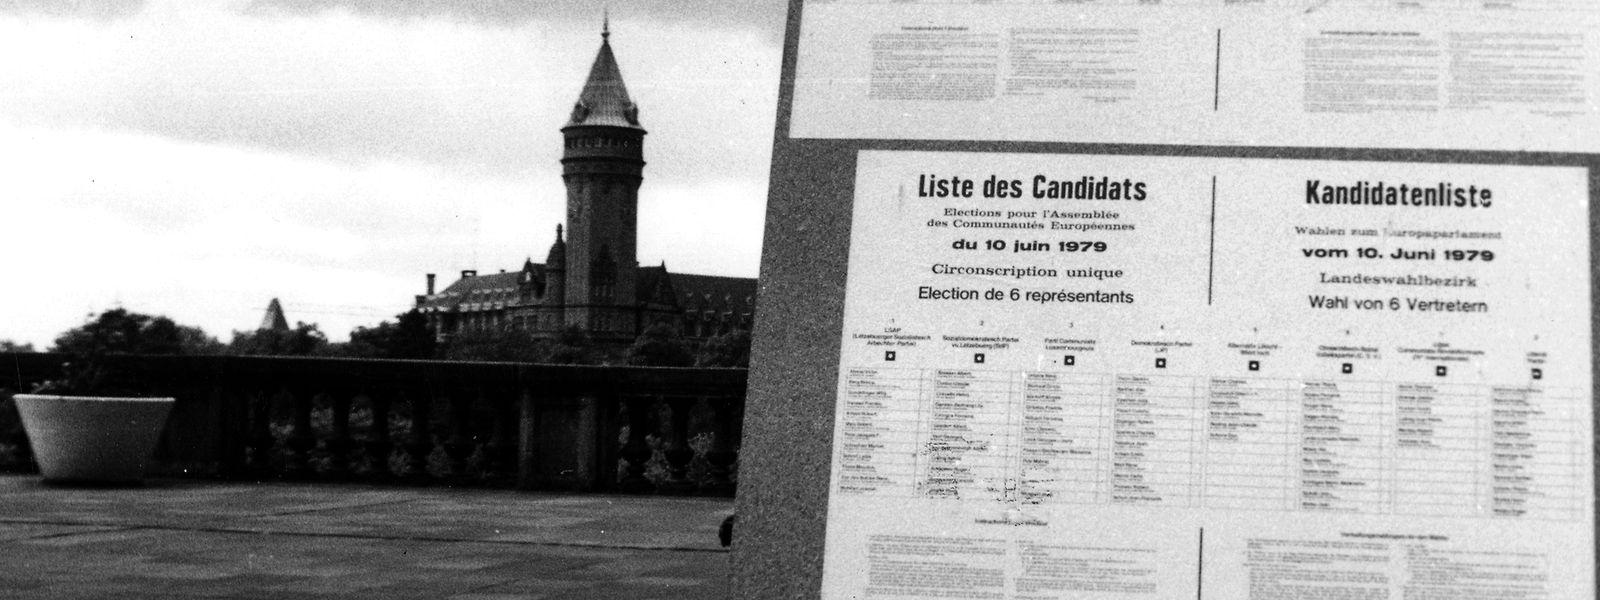 1979 fanden zum ersten Mal Europawahlen statt. Das Interesse an dieser Premiere war jedoch gering, nicht nur in Luxemburg. Im Großherzogtum wurden am 10. Juni 1979 zeitgleich Parlamentswahlen abgehalten.